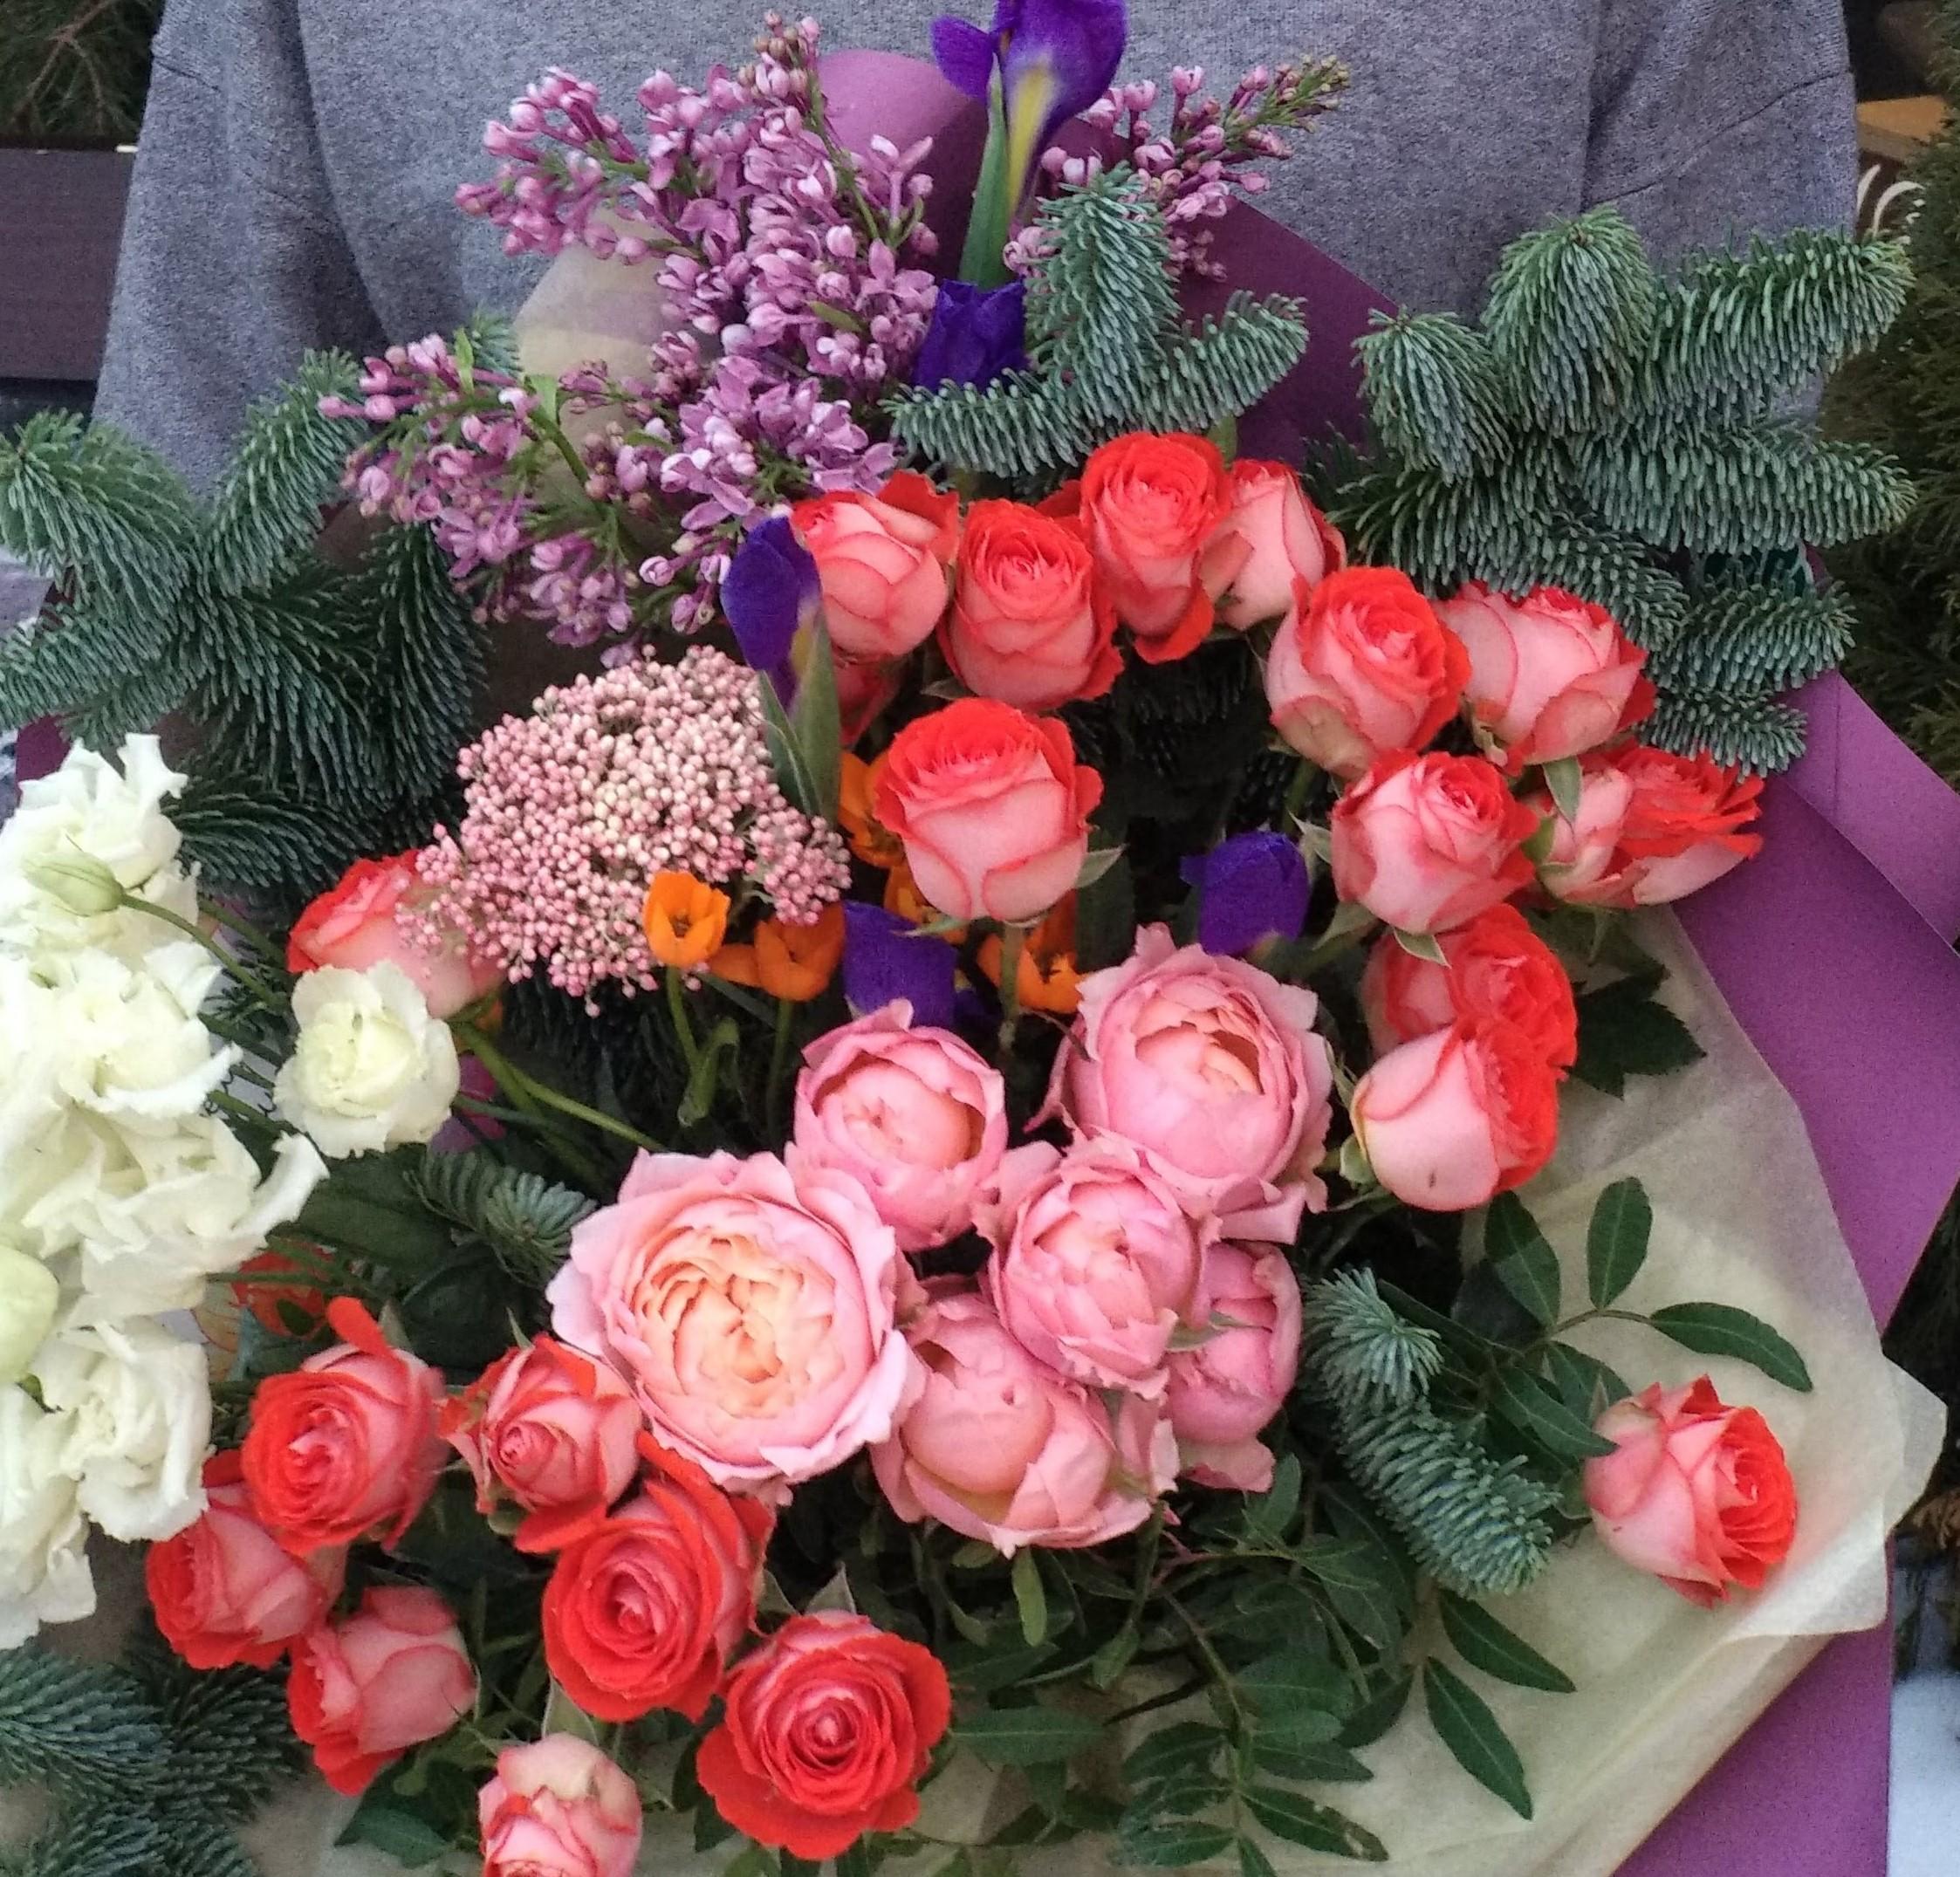 170 ирисы, роза куст, роза джульетта